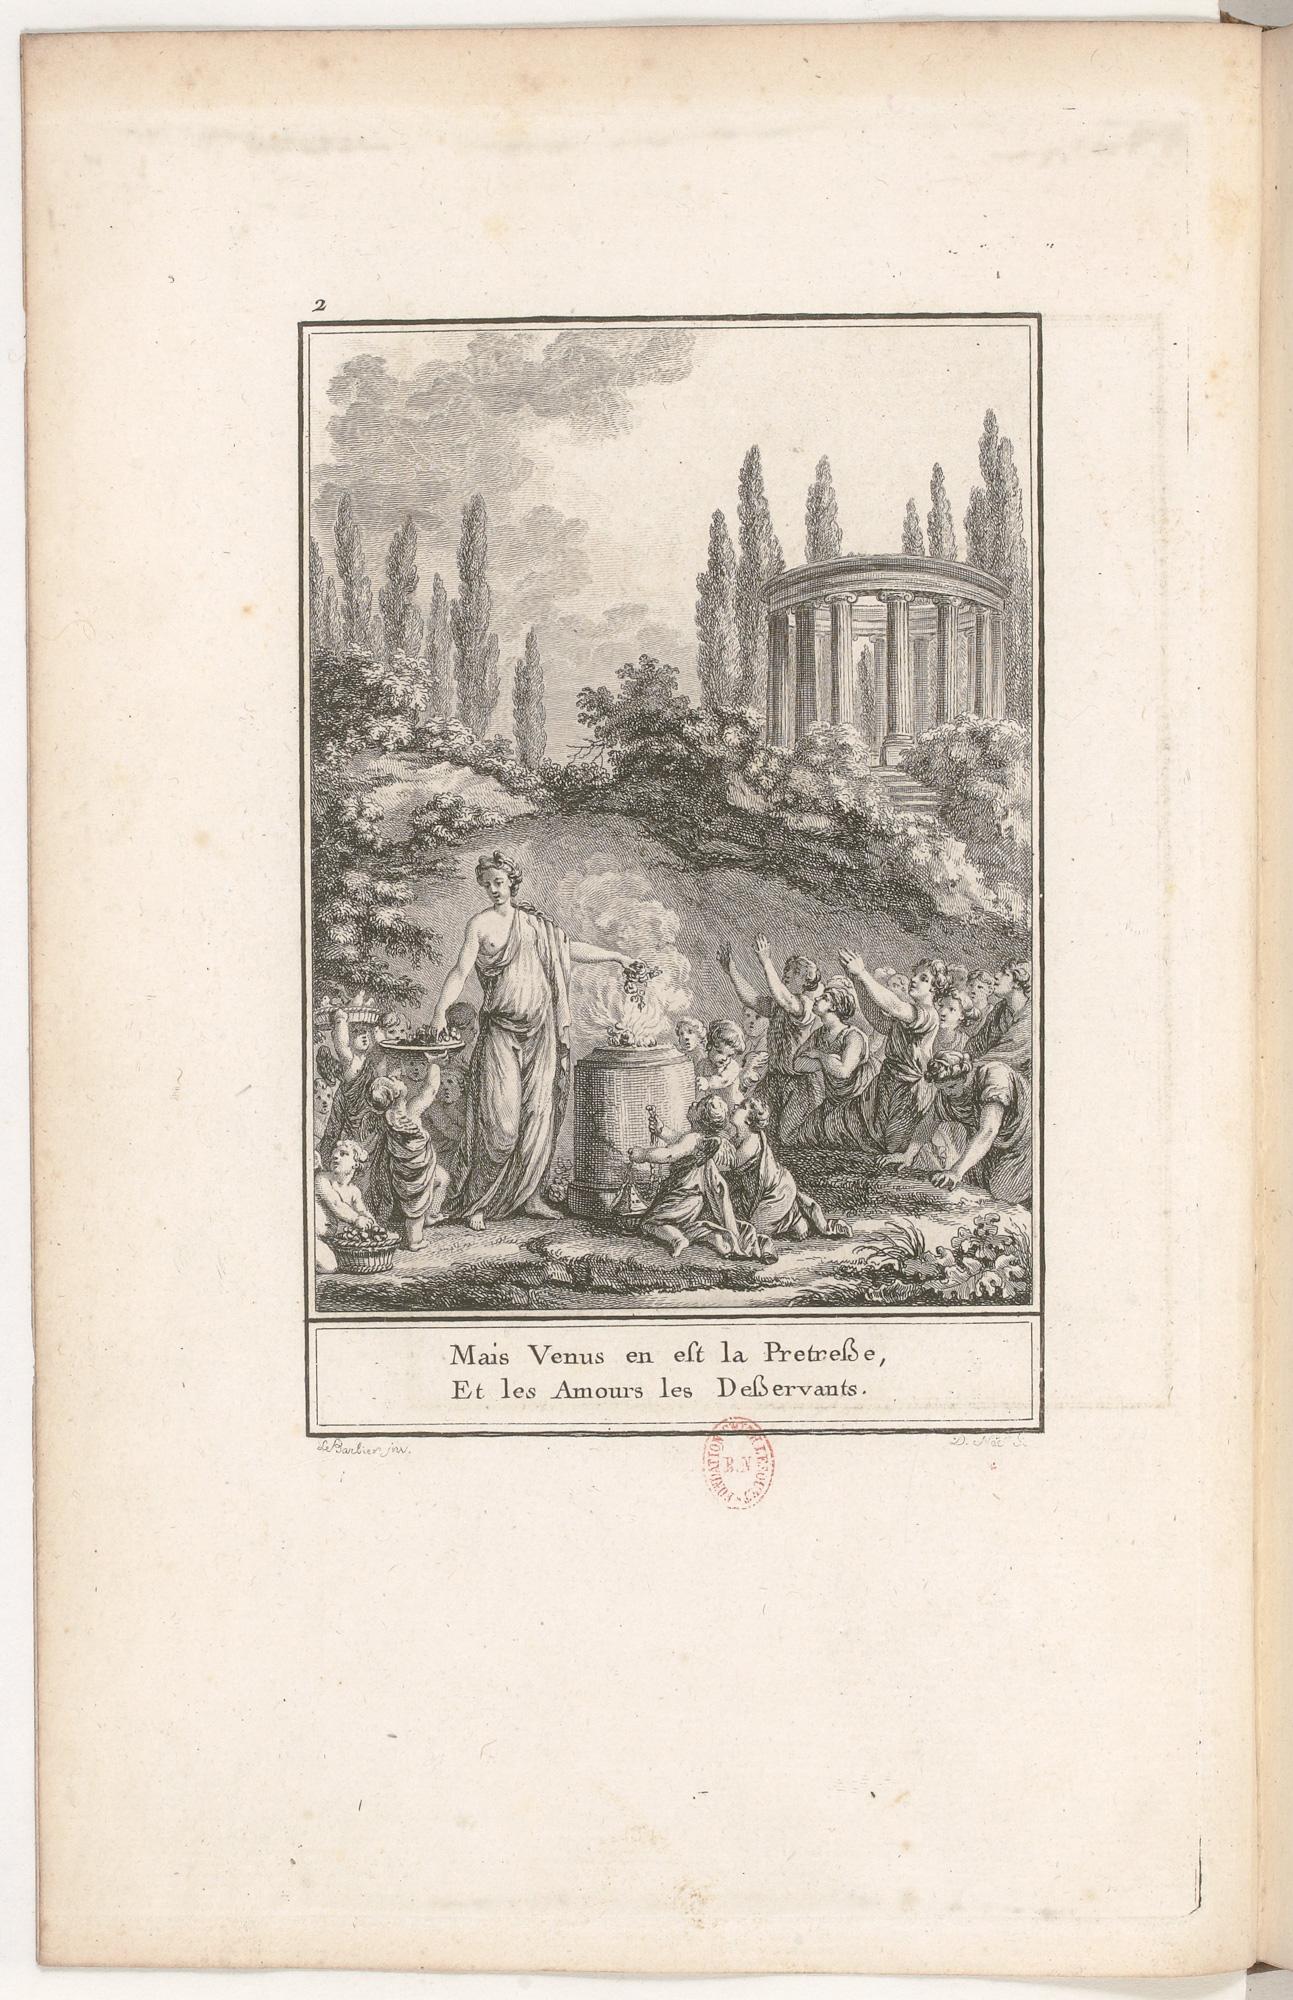 S.4.01 La chapelle de Vénus, 1772, Image